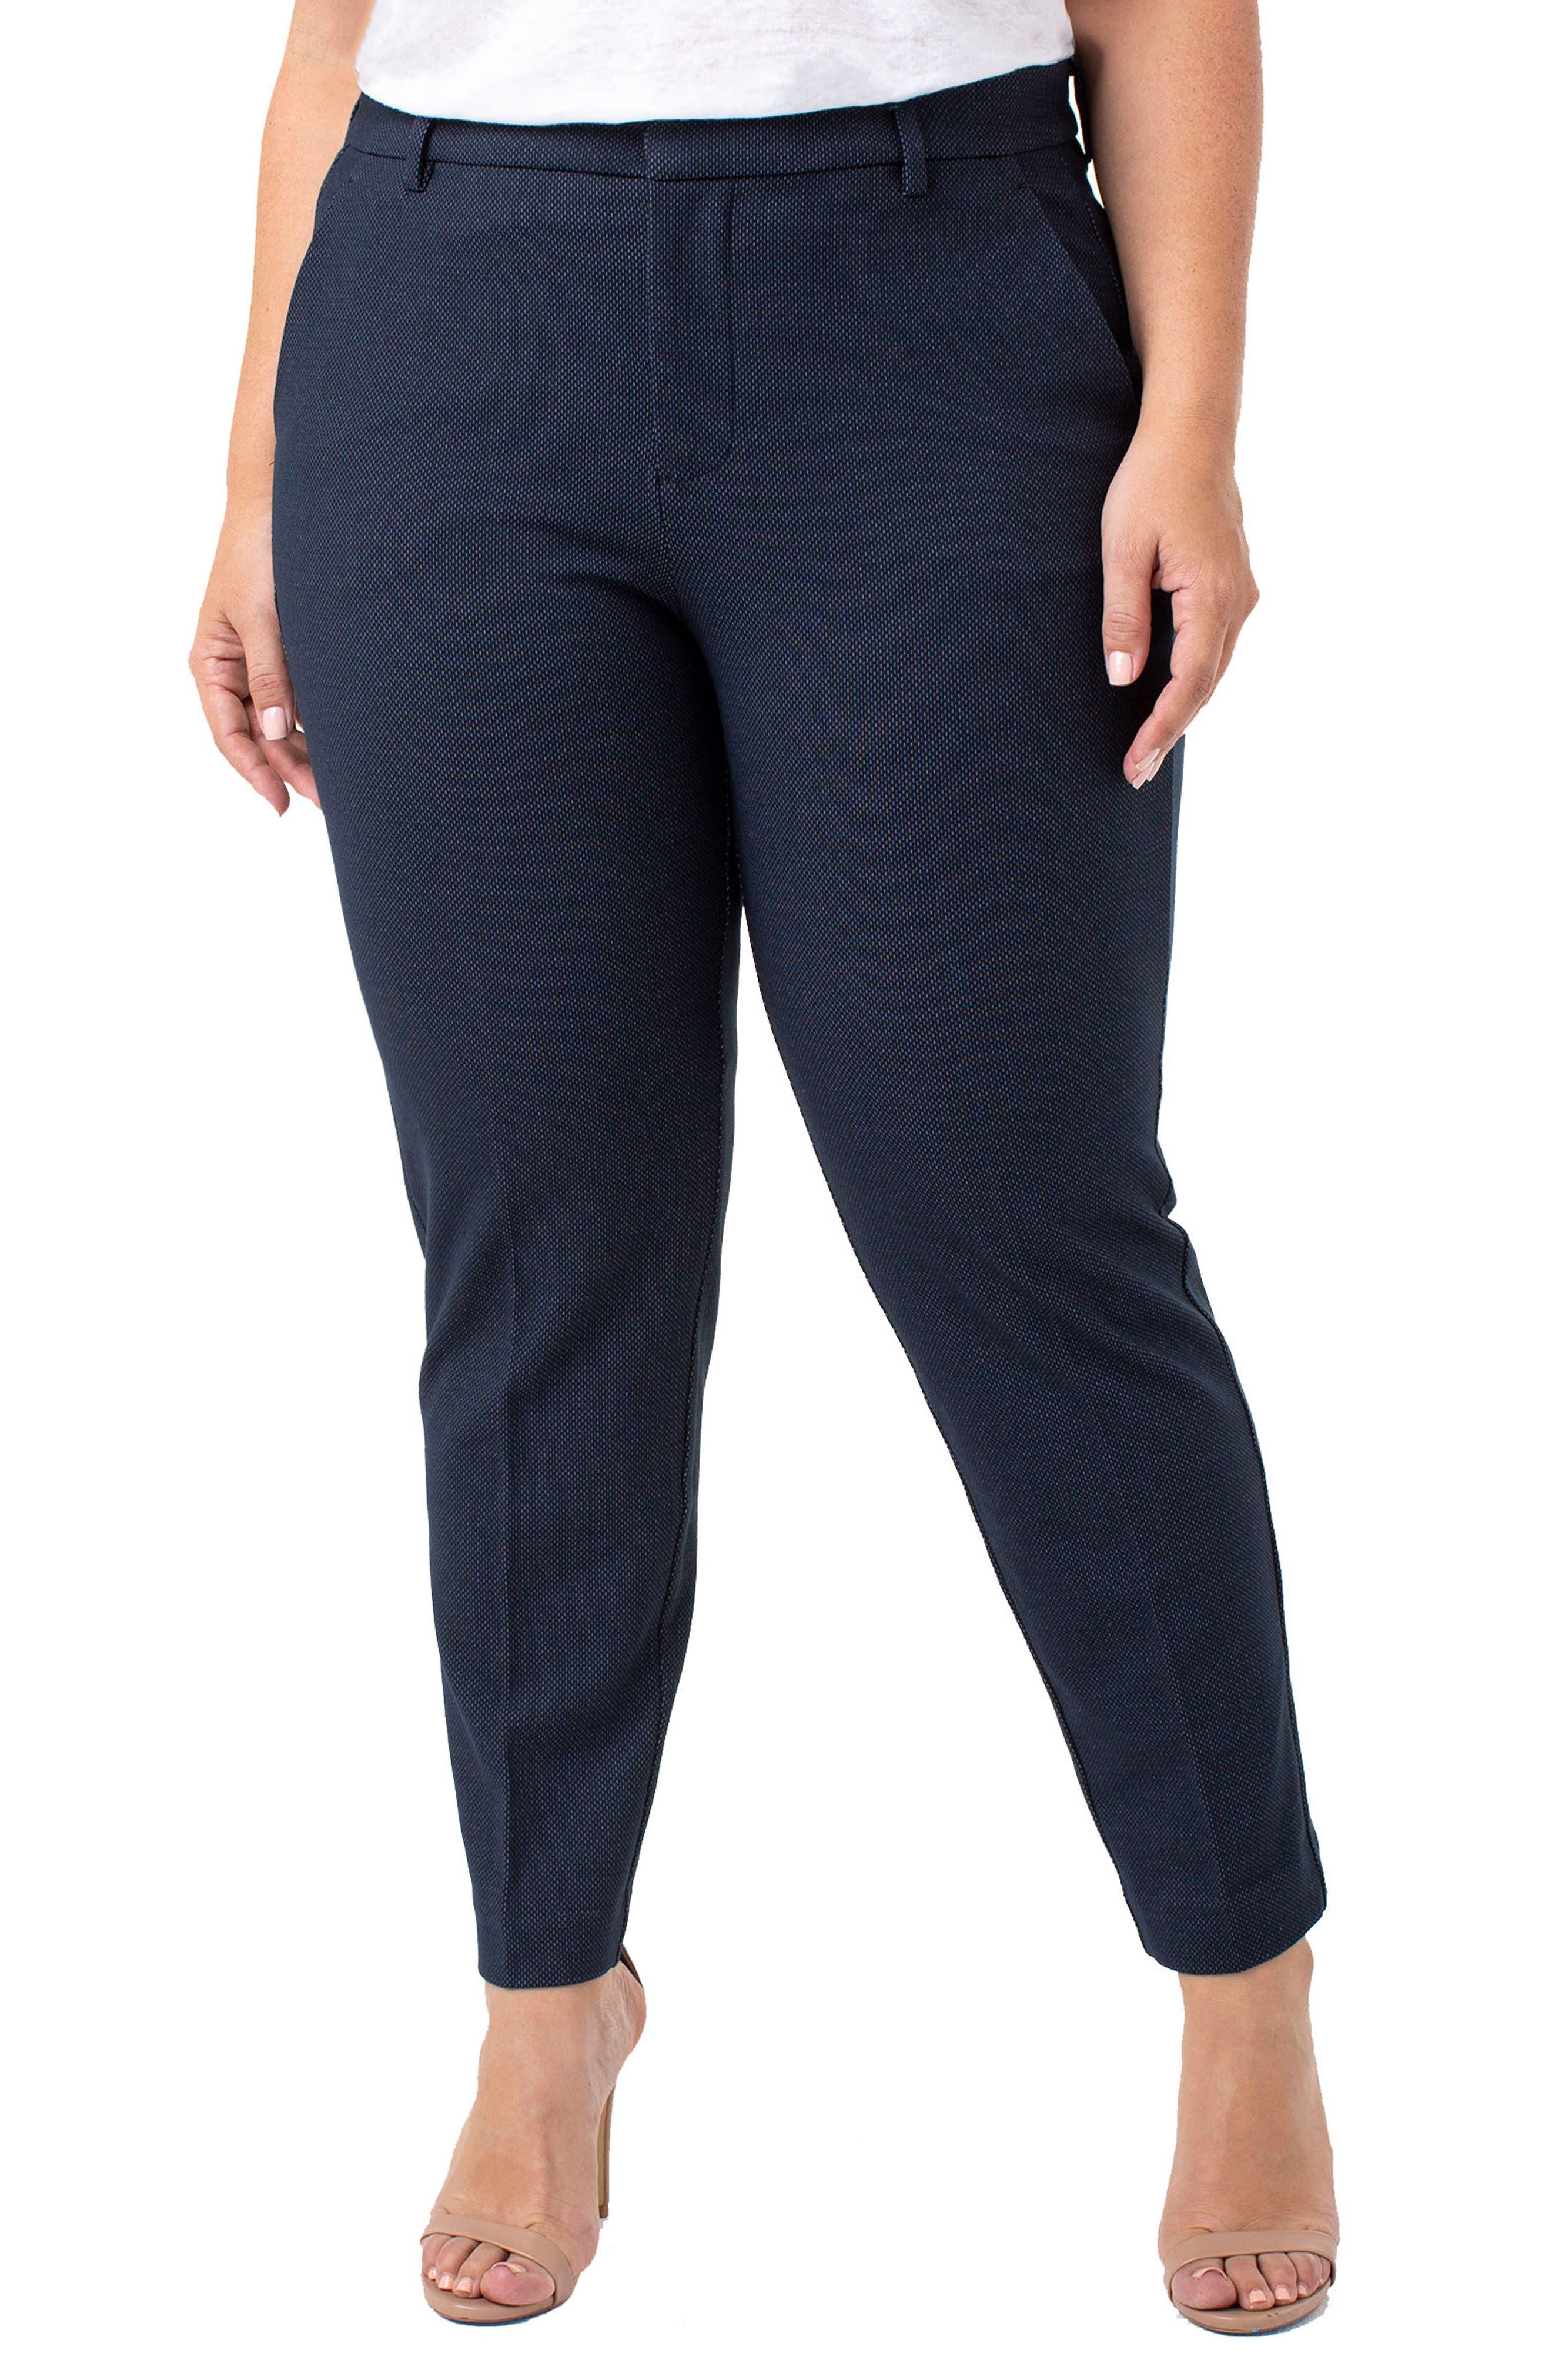 Kelsey Stretch Knit Pants,                         Main,                         color, NAVY BIRDSEYE